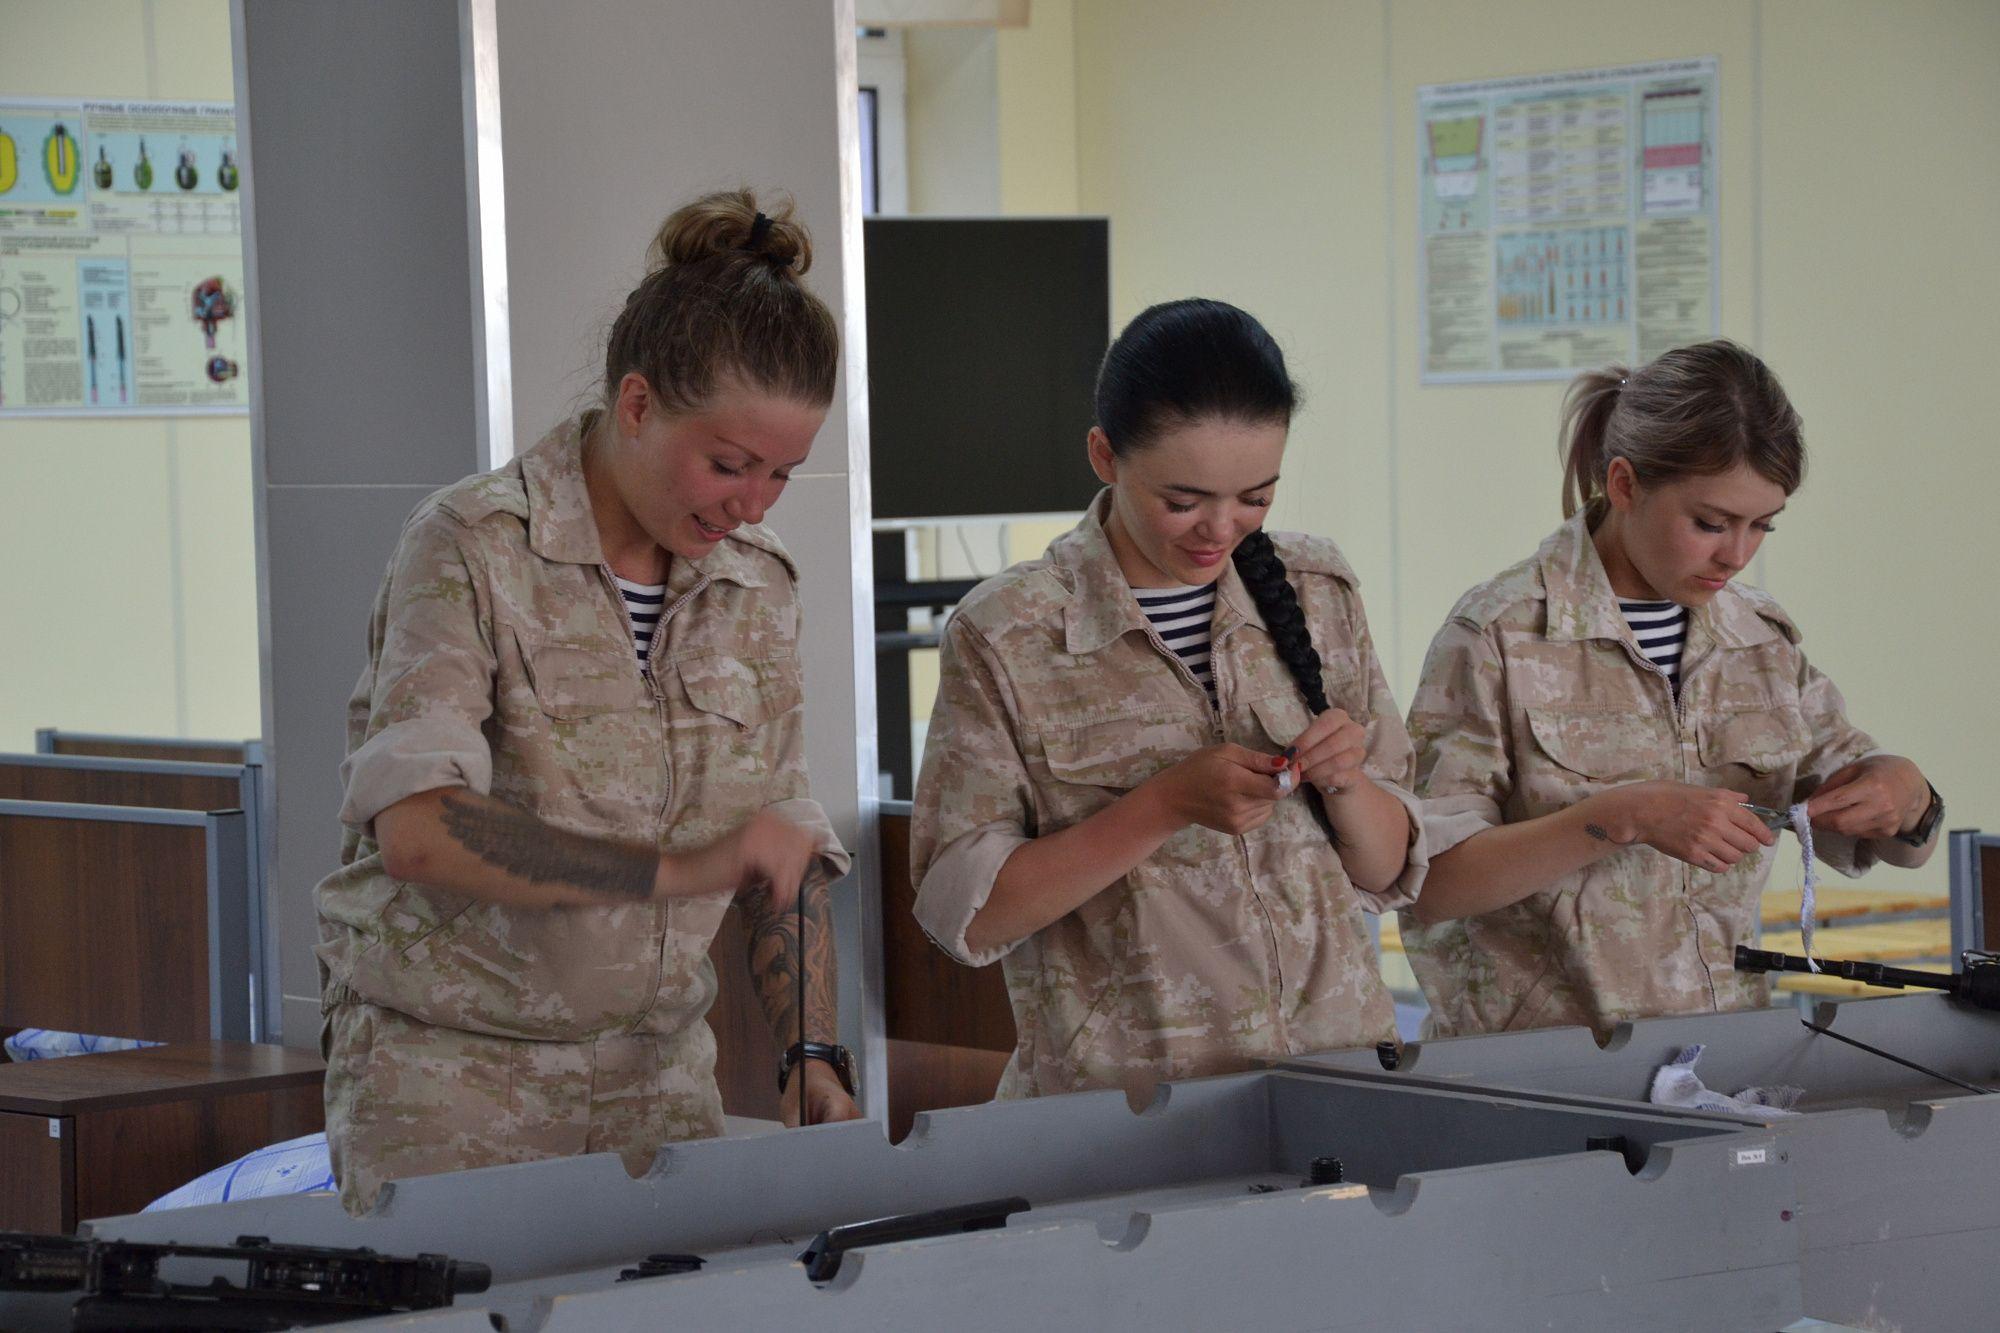 Работа в воинской части девушкам иман мохамед абдулмаджид